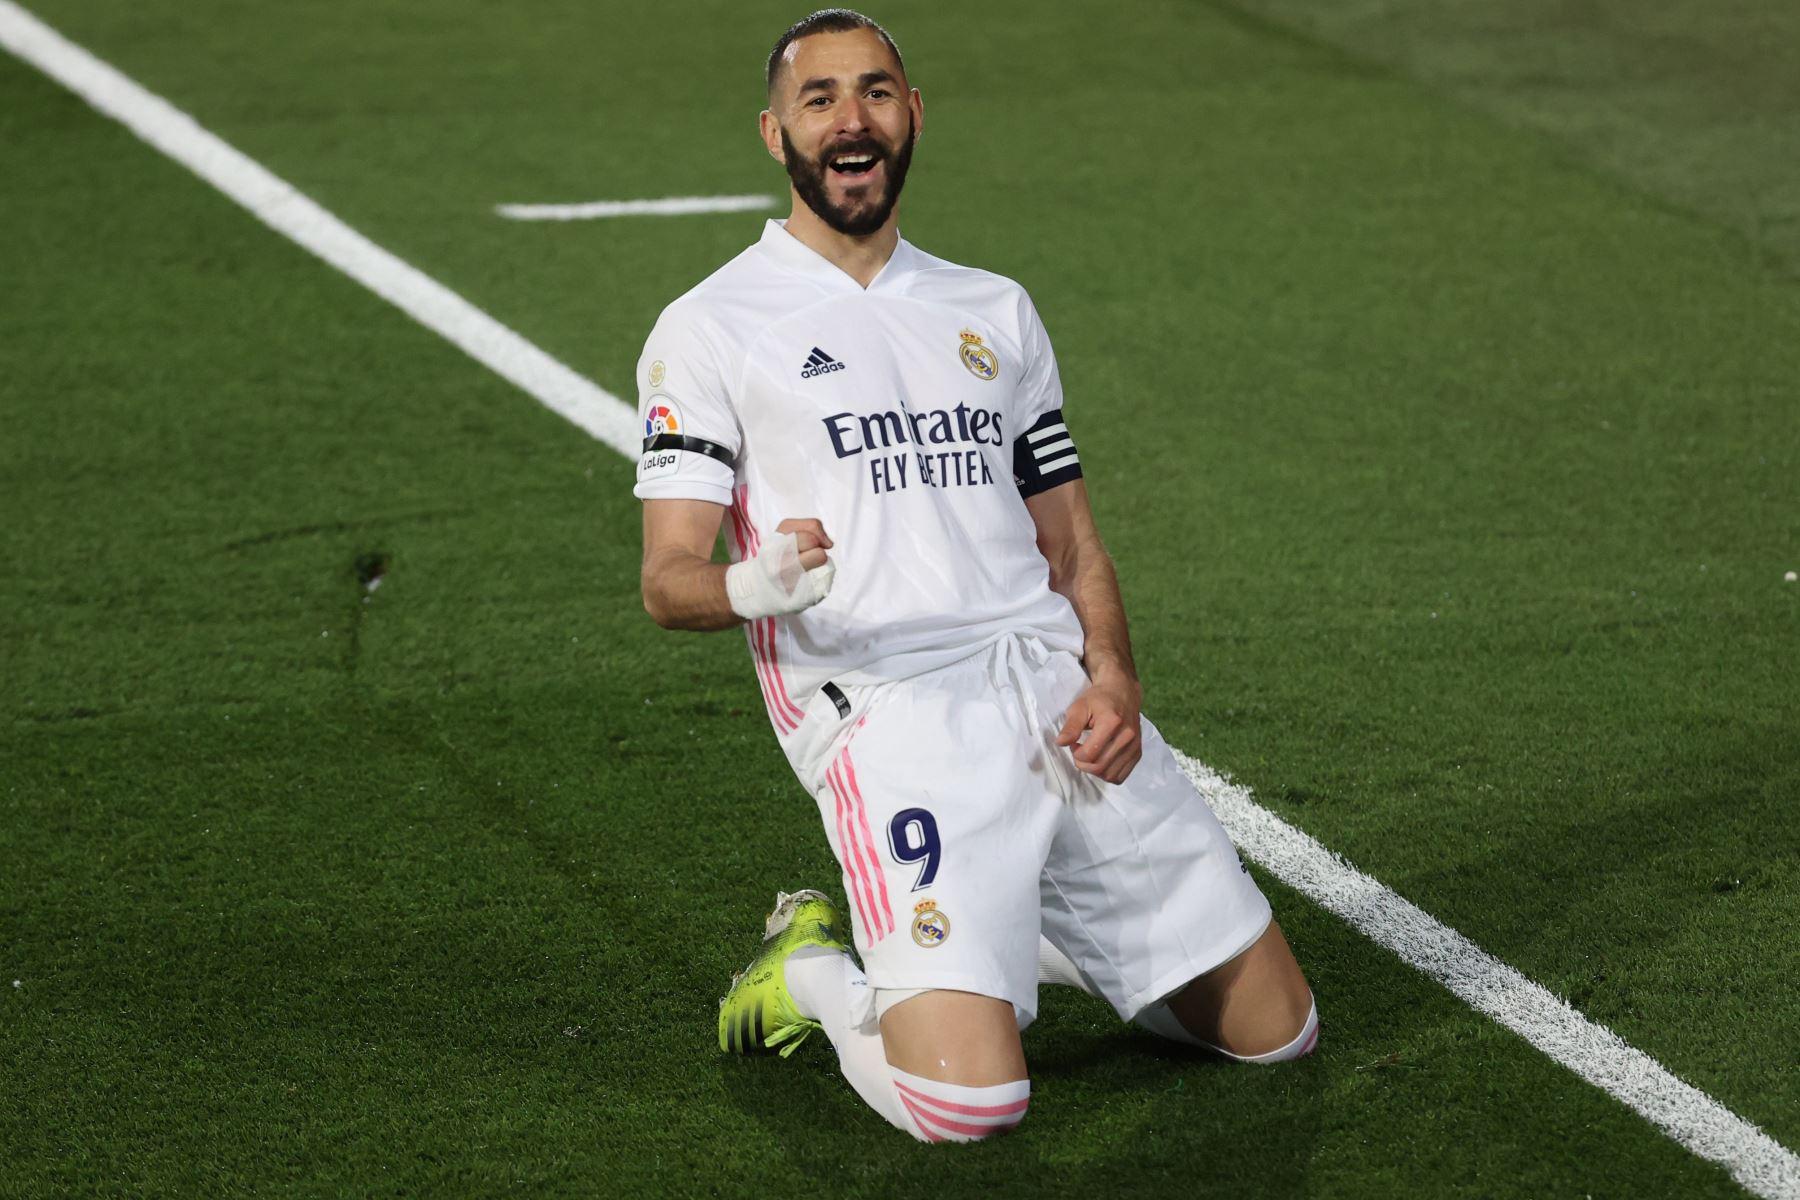 El delantero francés del Real Madrid, Karim Benzema, celebra el primer gol del equipo madridista durante el encuentro correspondiente a la jornada 30 de primera división que disputa frente al FC Barcelona. Foto: EFE